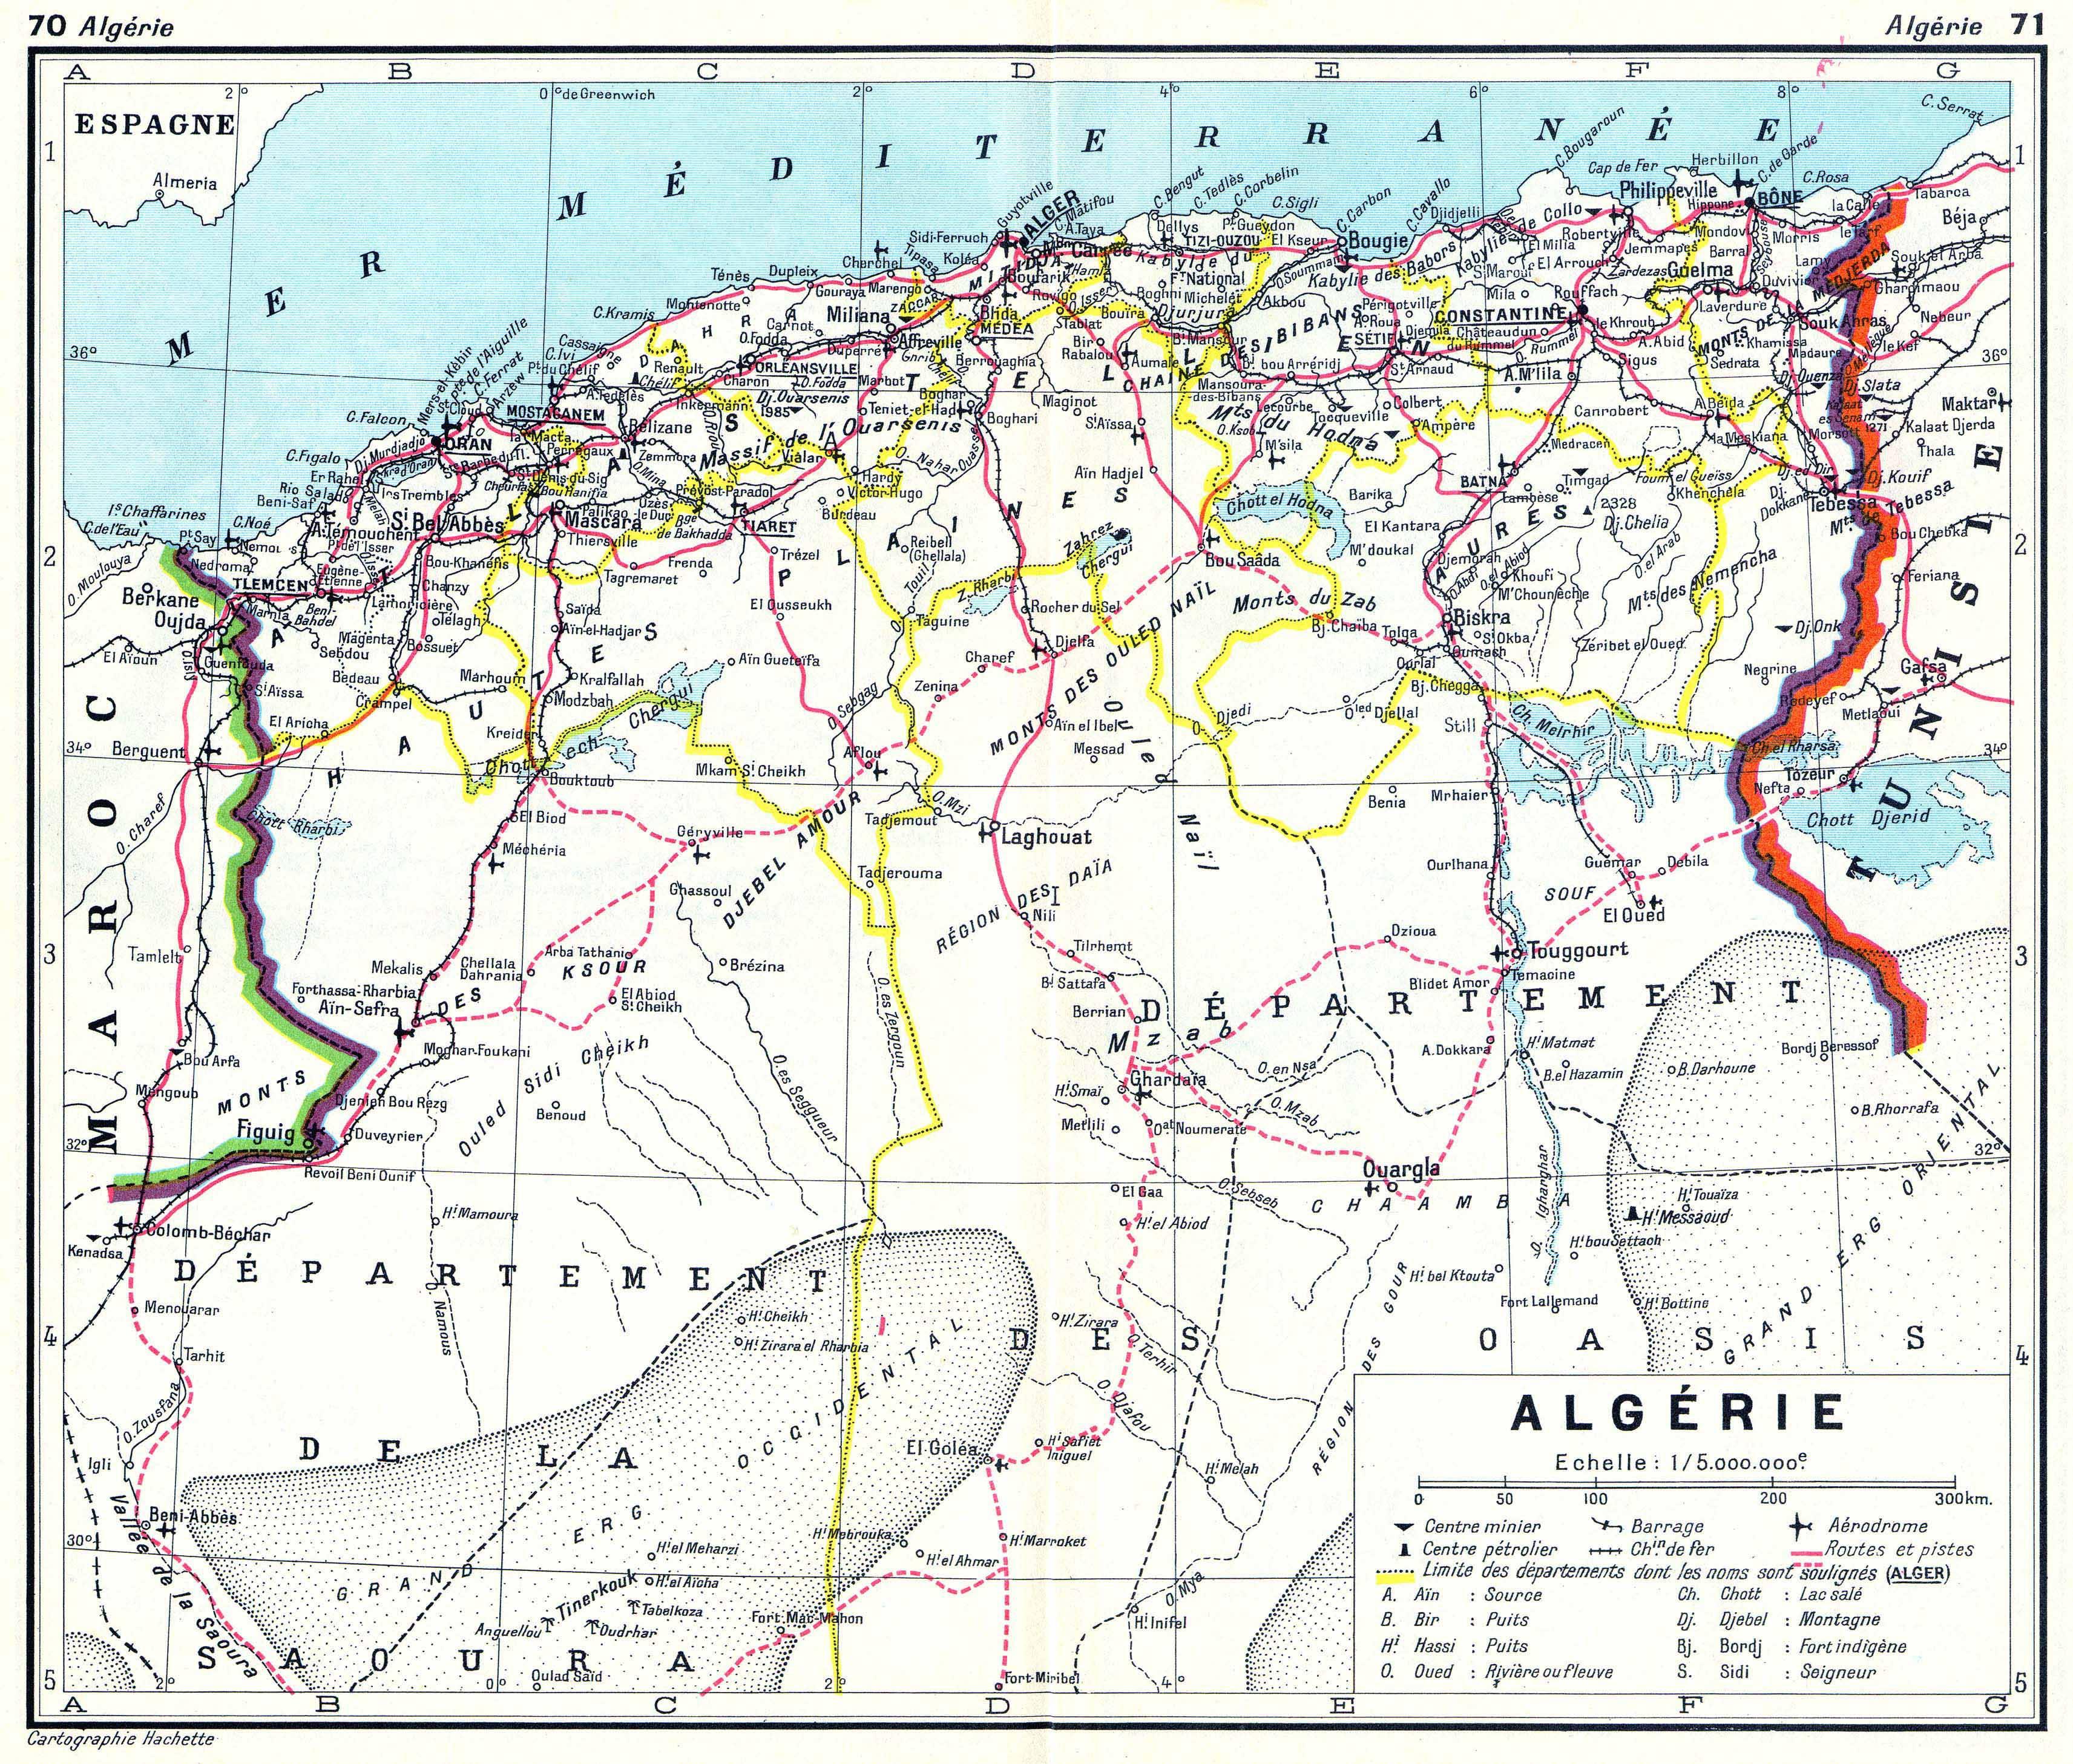 Carte Algeriecom.Carte De L Algerie Villes Routes Relief Administrative